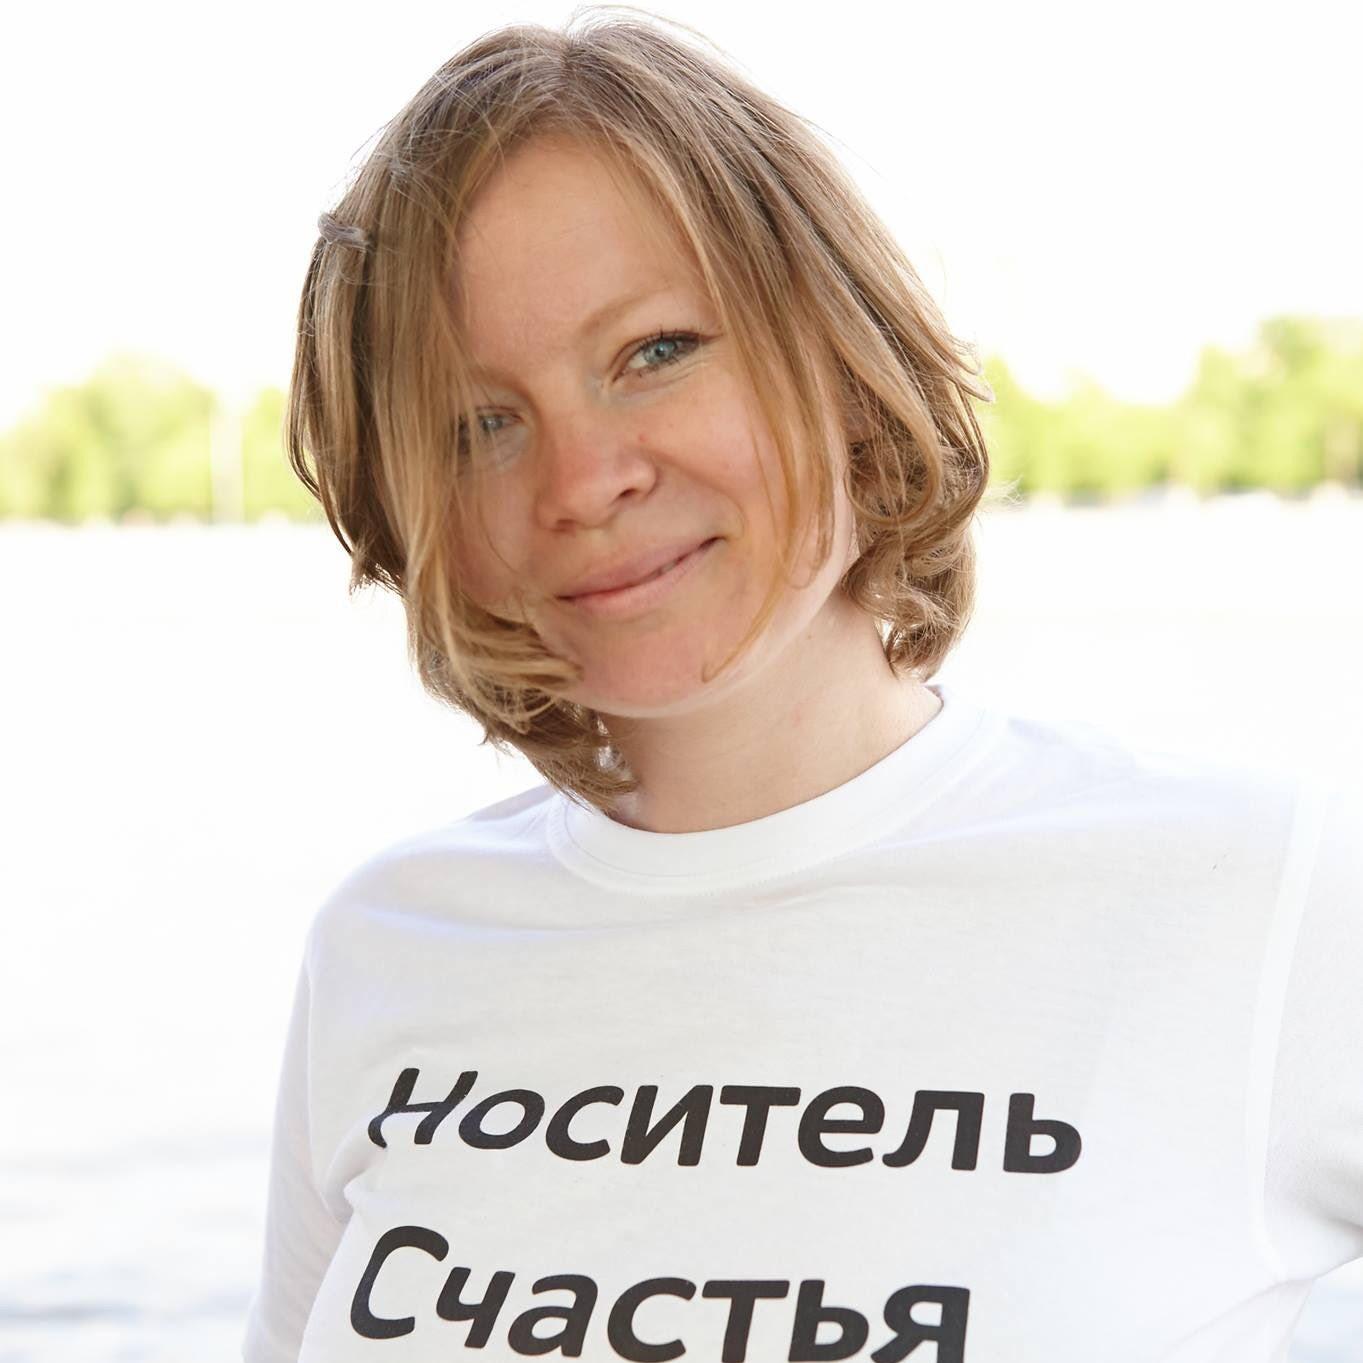 Anna Suchkova